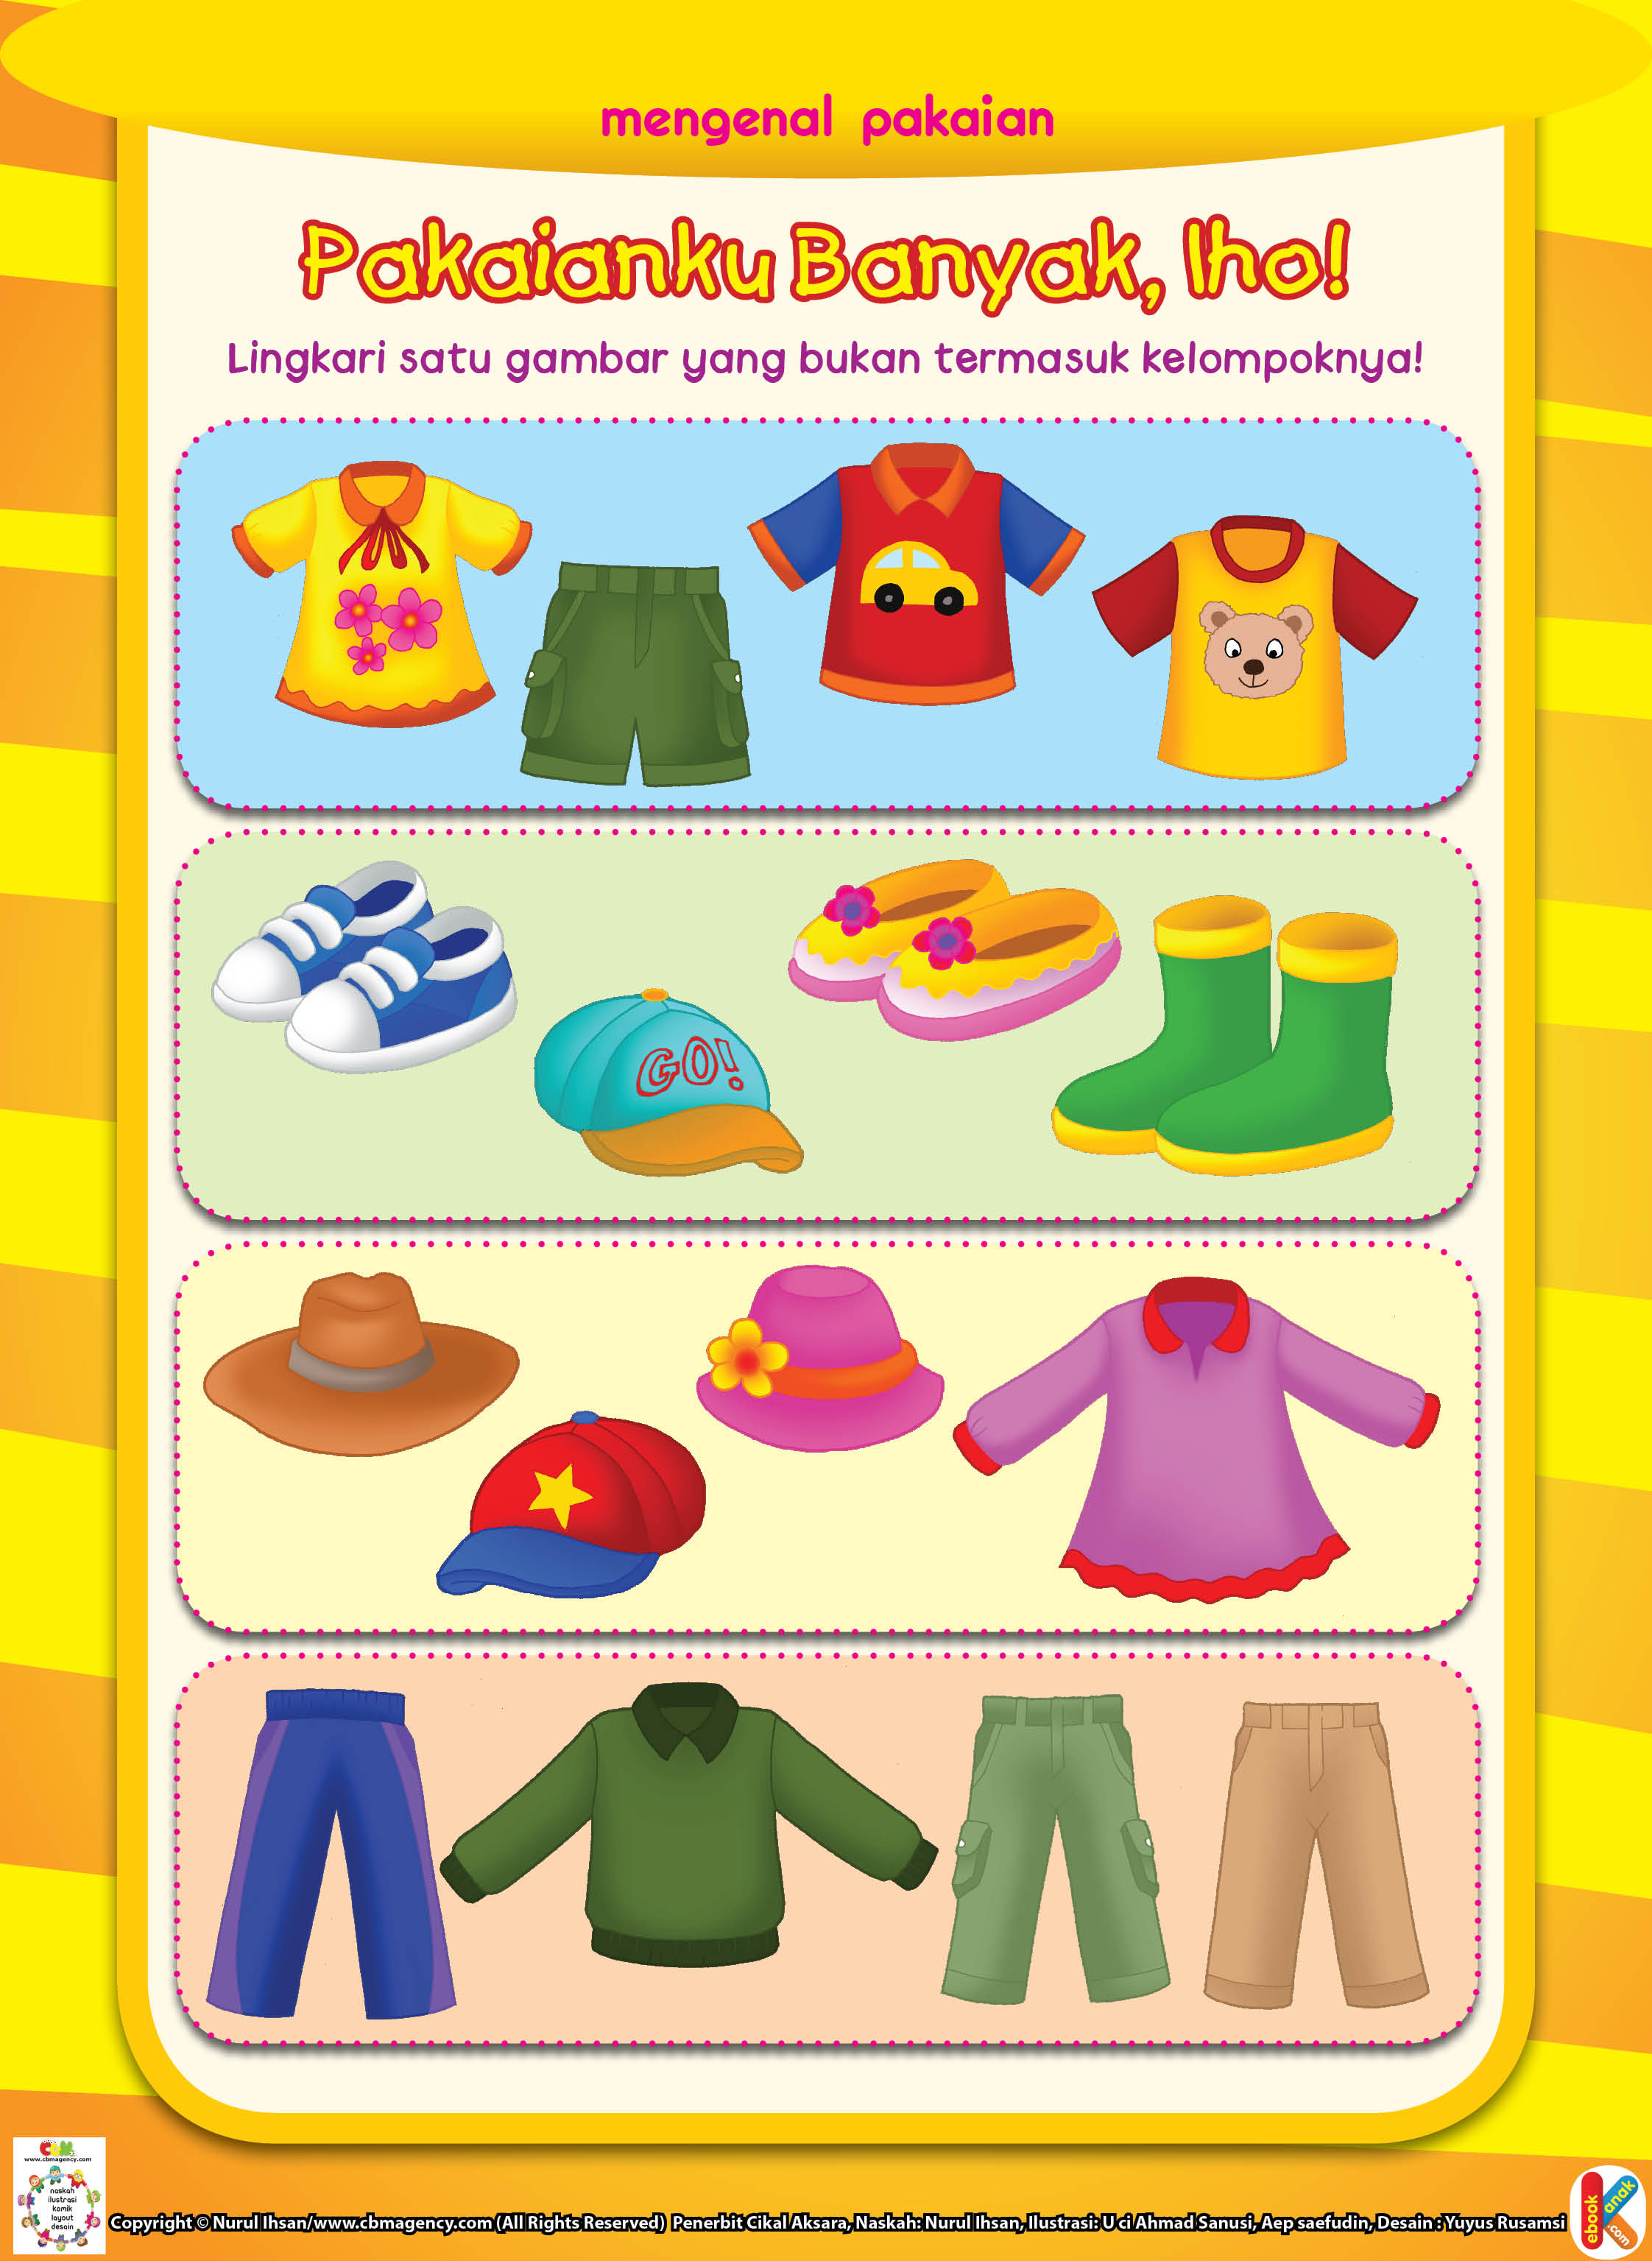 Worksheets Worksheet-anak-tk mengenal pakaian ebook anak sepatu laki dan perempuan